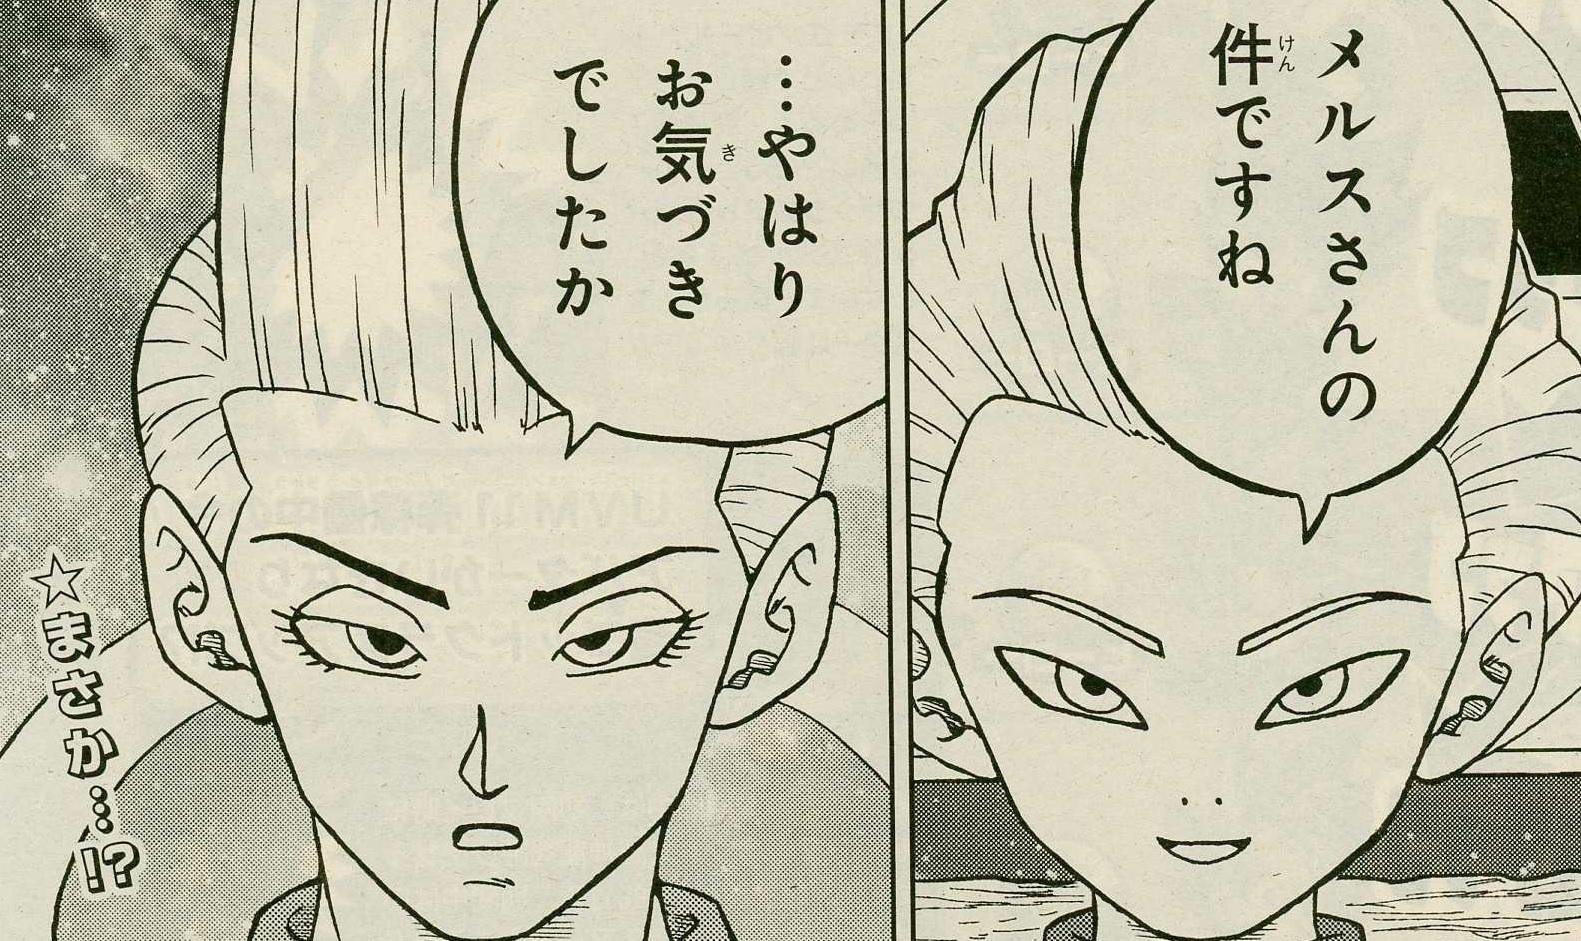 Résumé du chapitre 54 de Dragon Ball Super